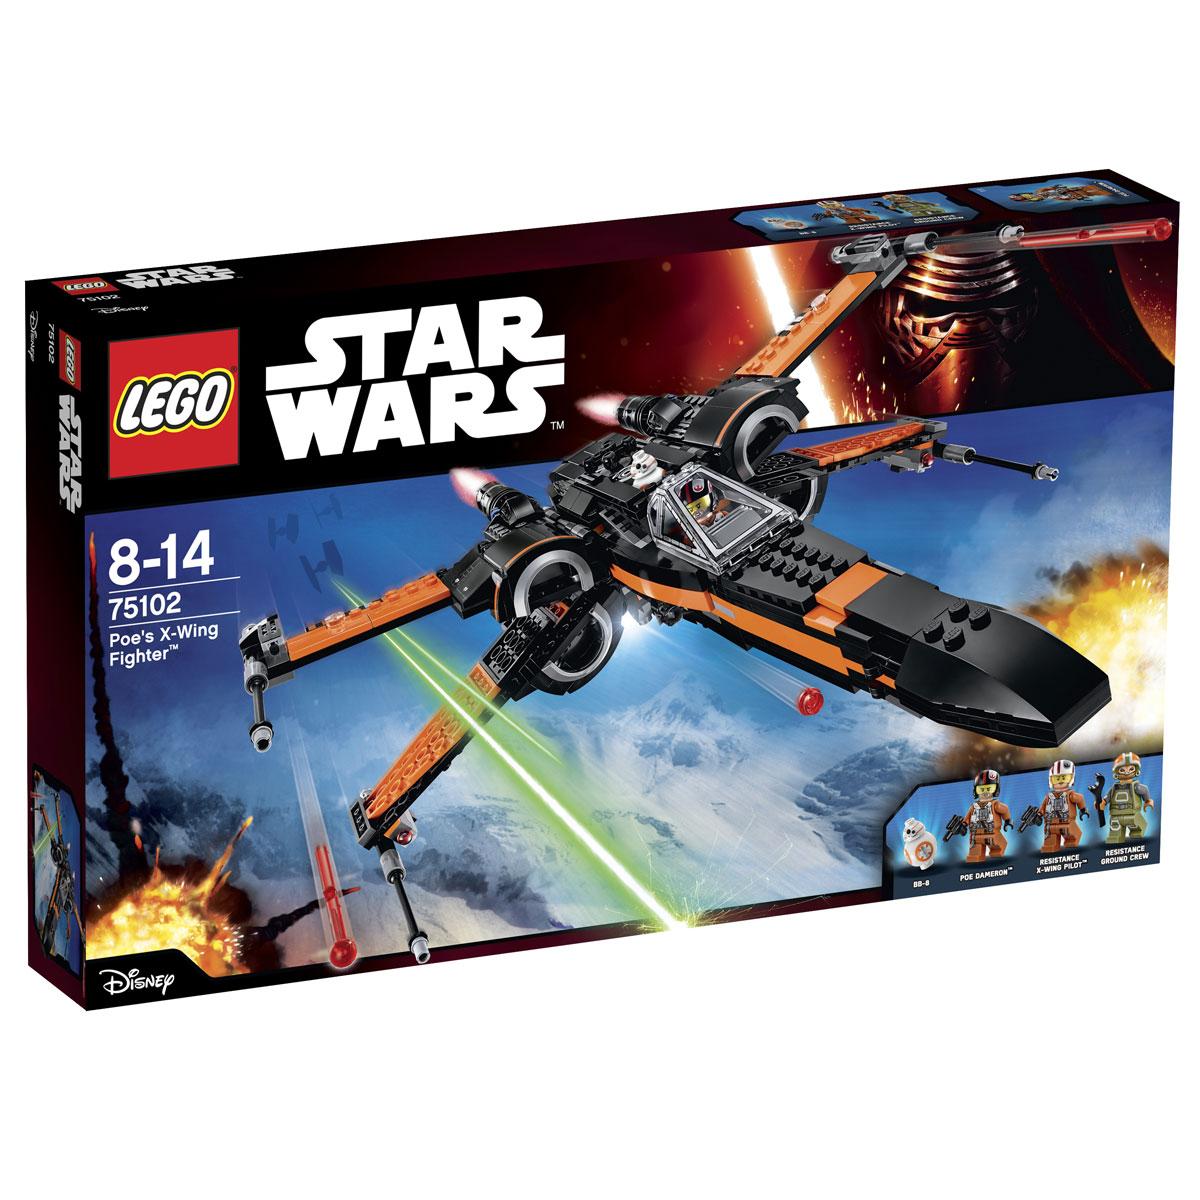 LEGO Star Wars Конструктор Истребитель По 75102